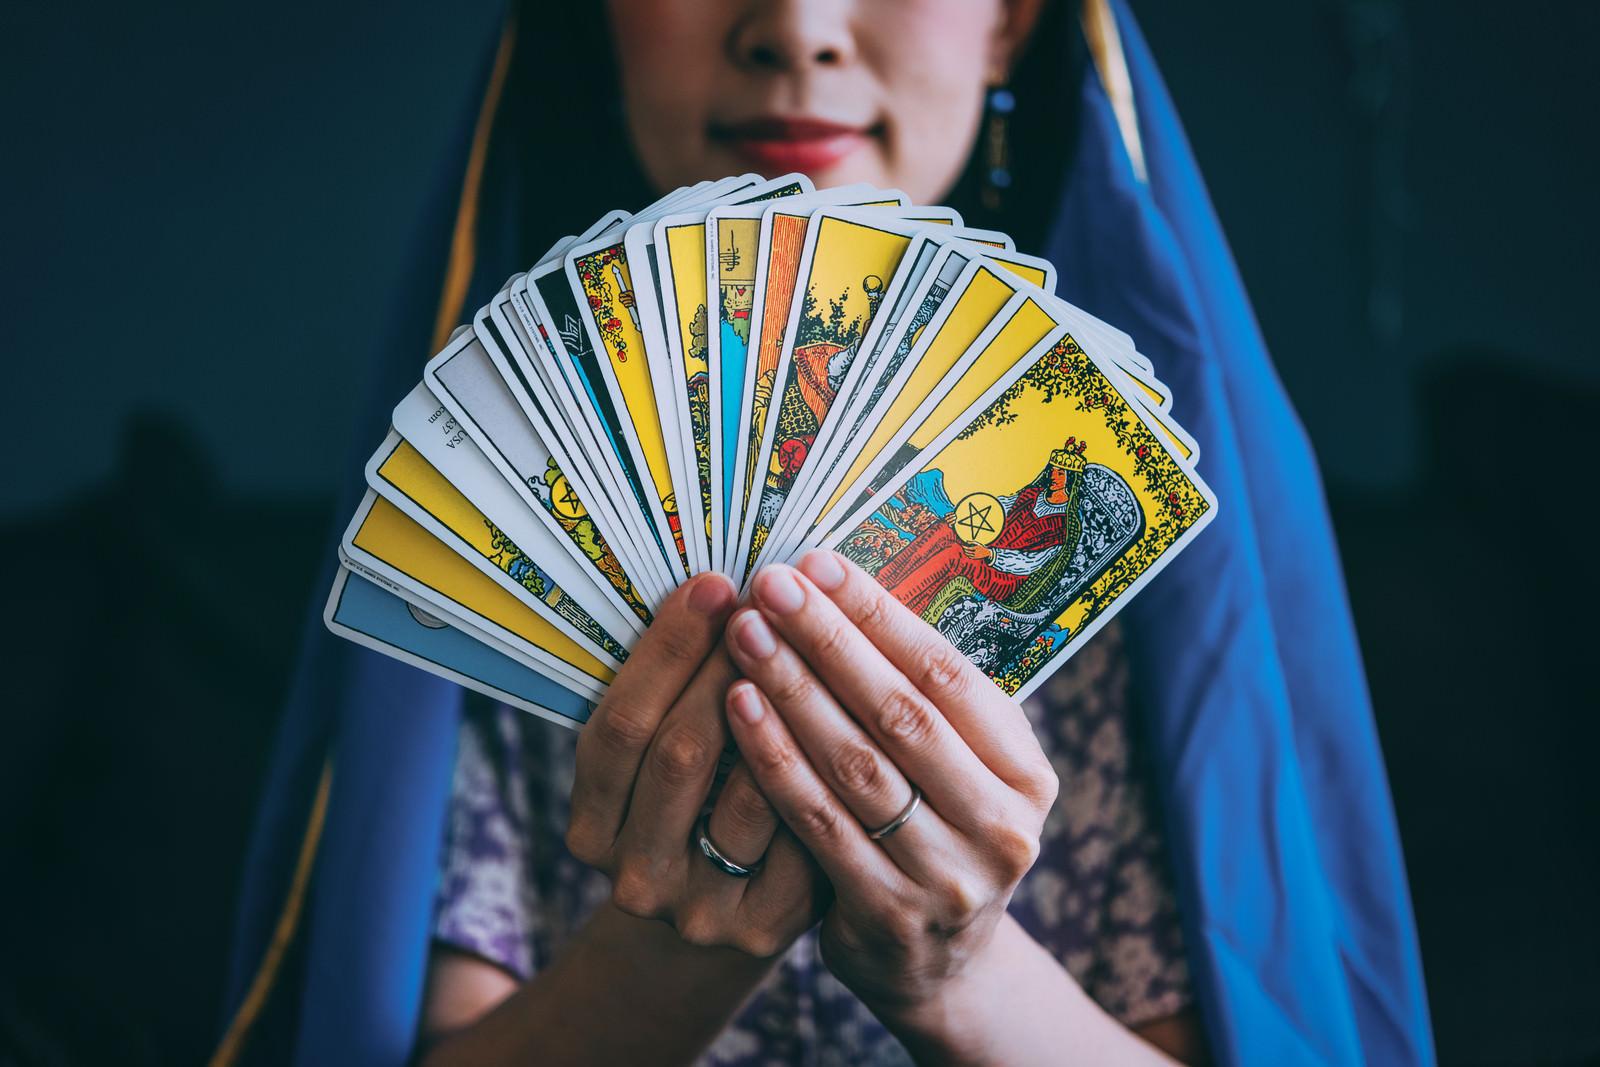 「タロットカードを扇状に見せる占い師」の写真